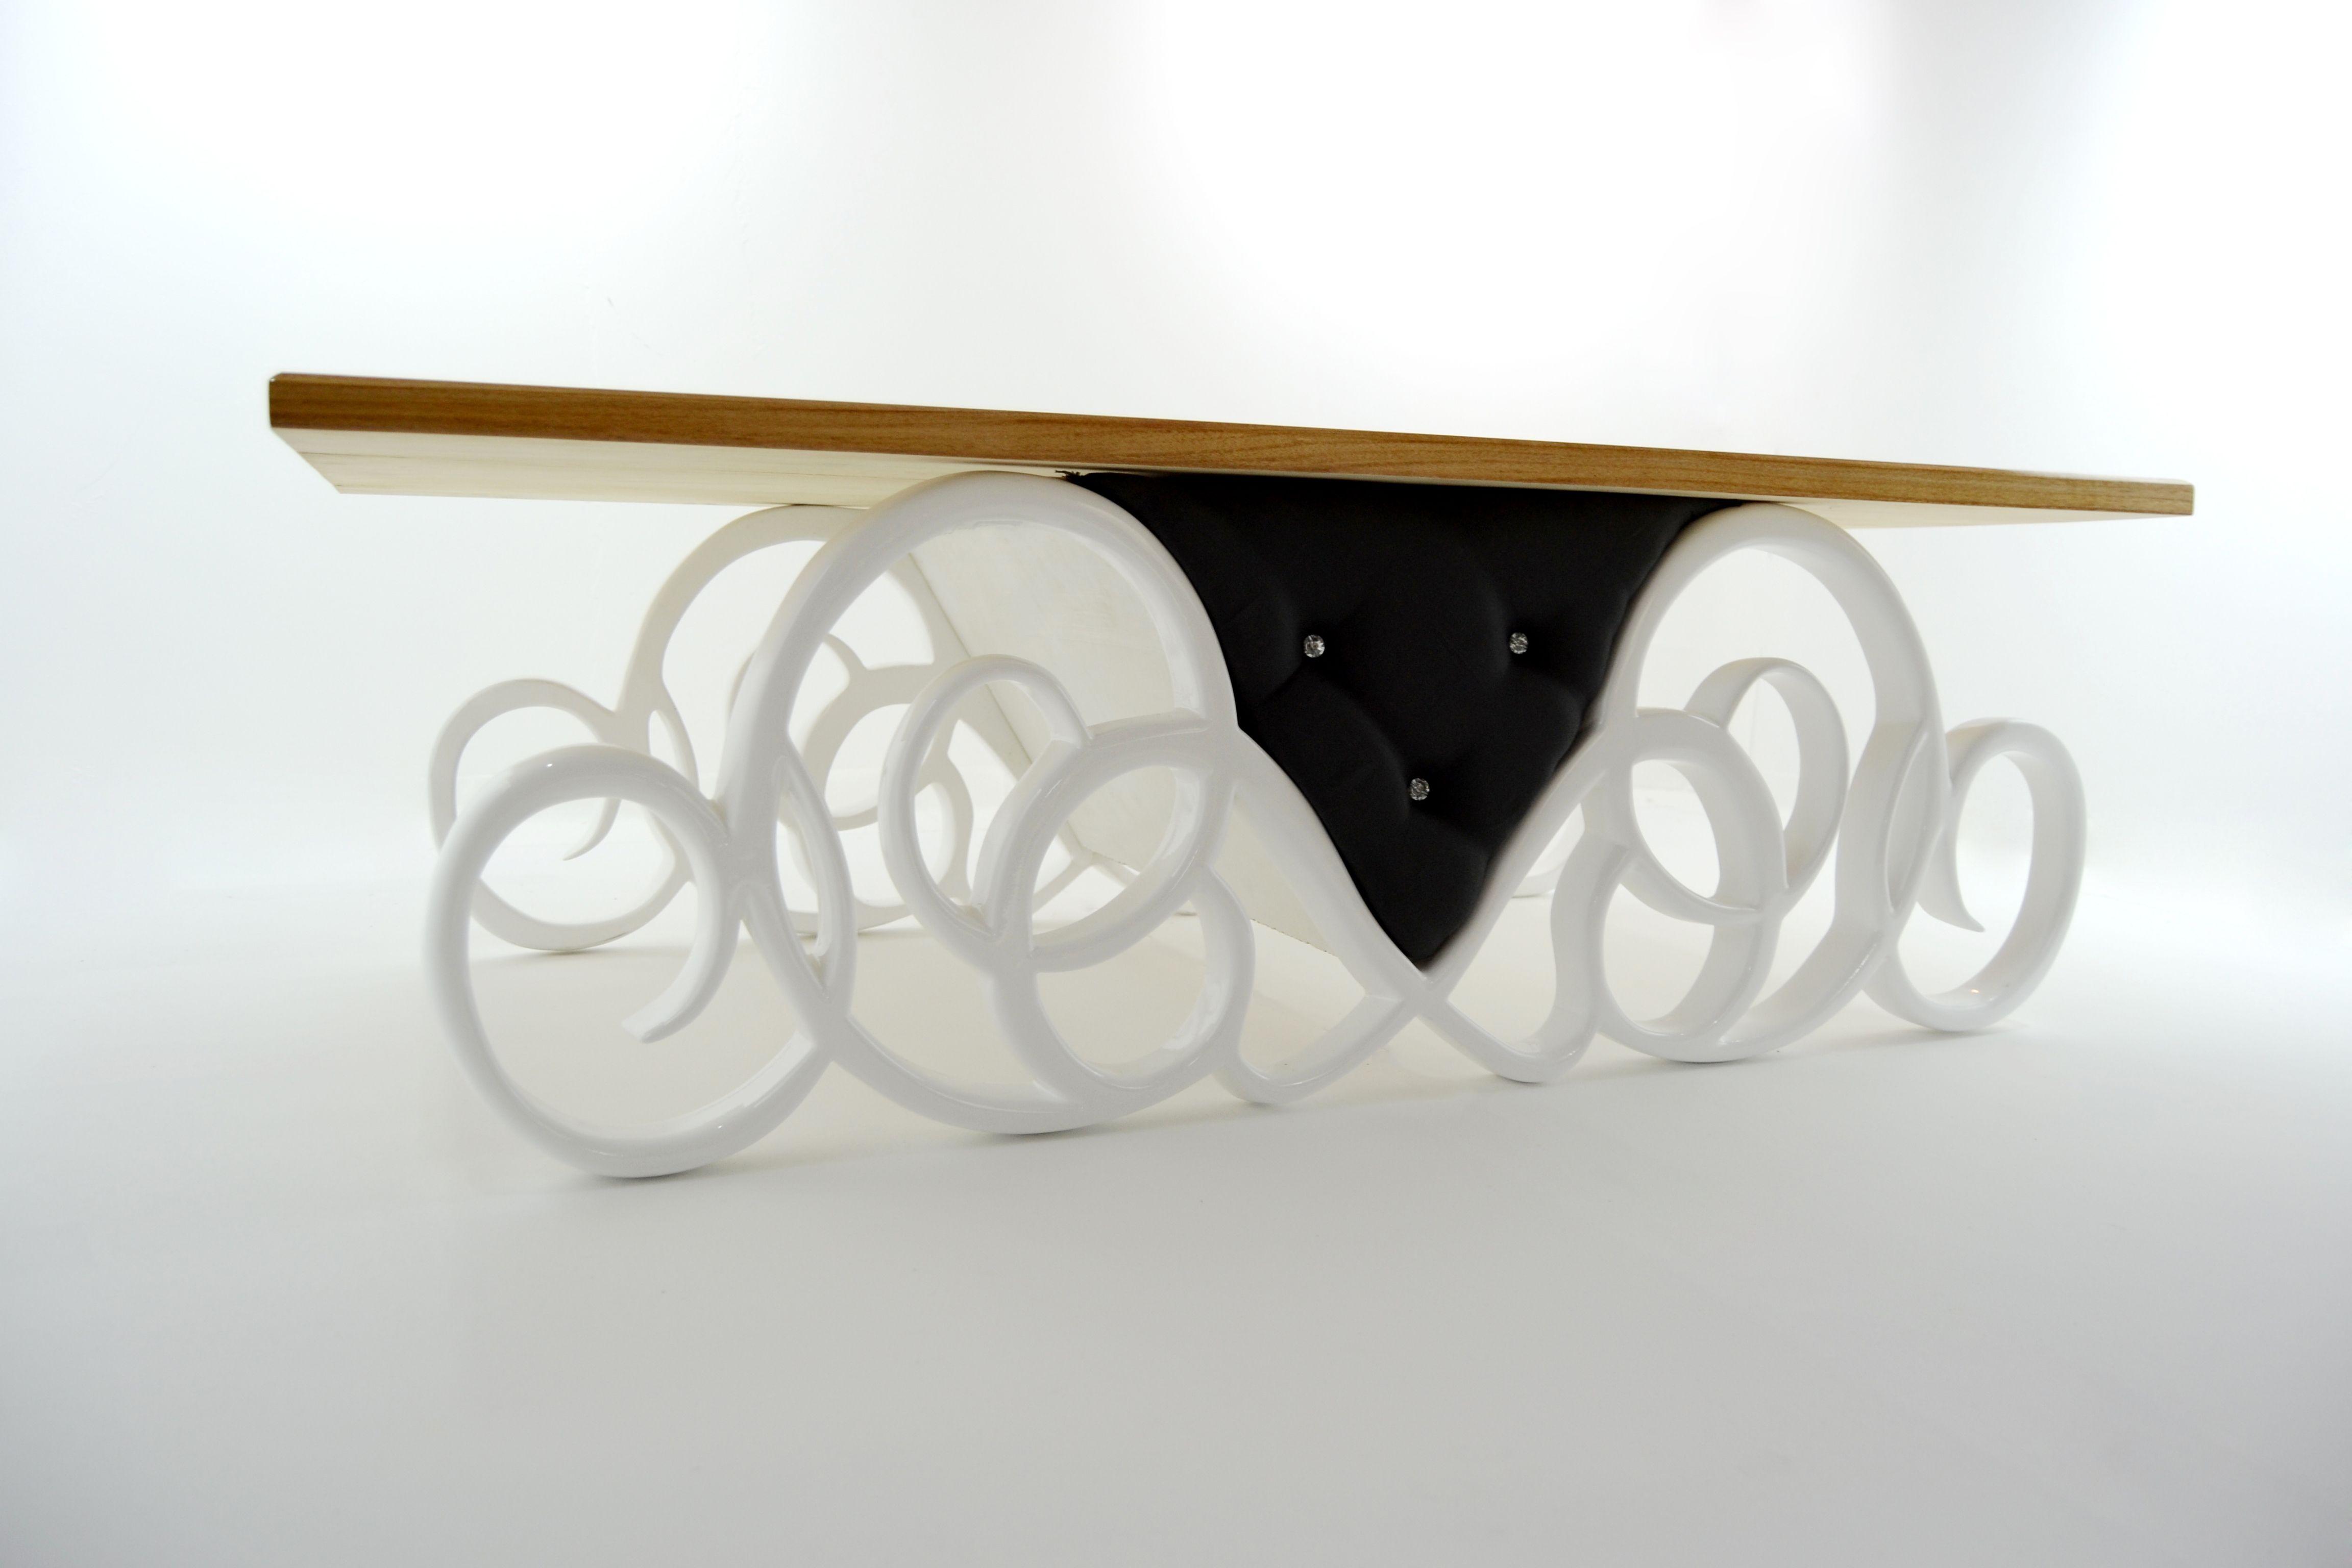 Tavolini Soggiorno ~ Tavolini dal design unico in grado di esprimere eleganza e